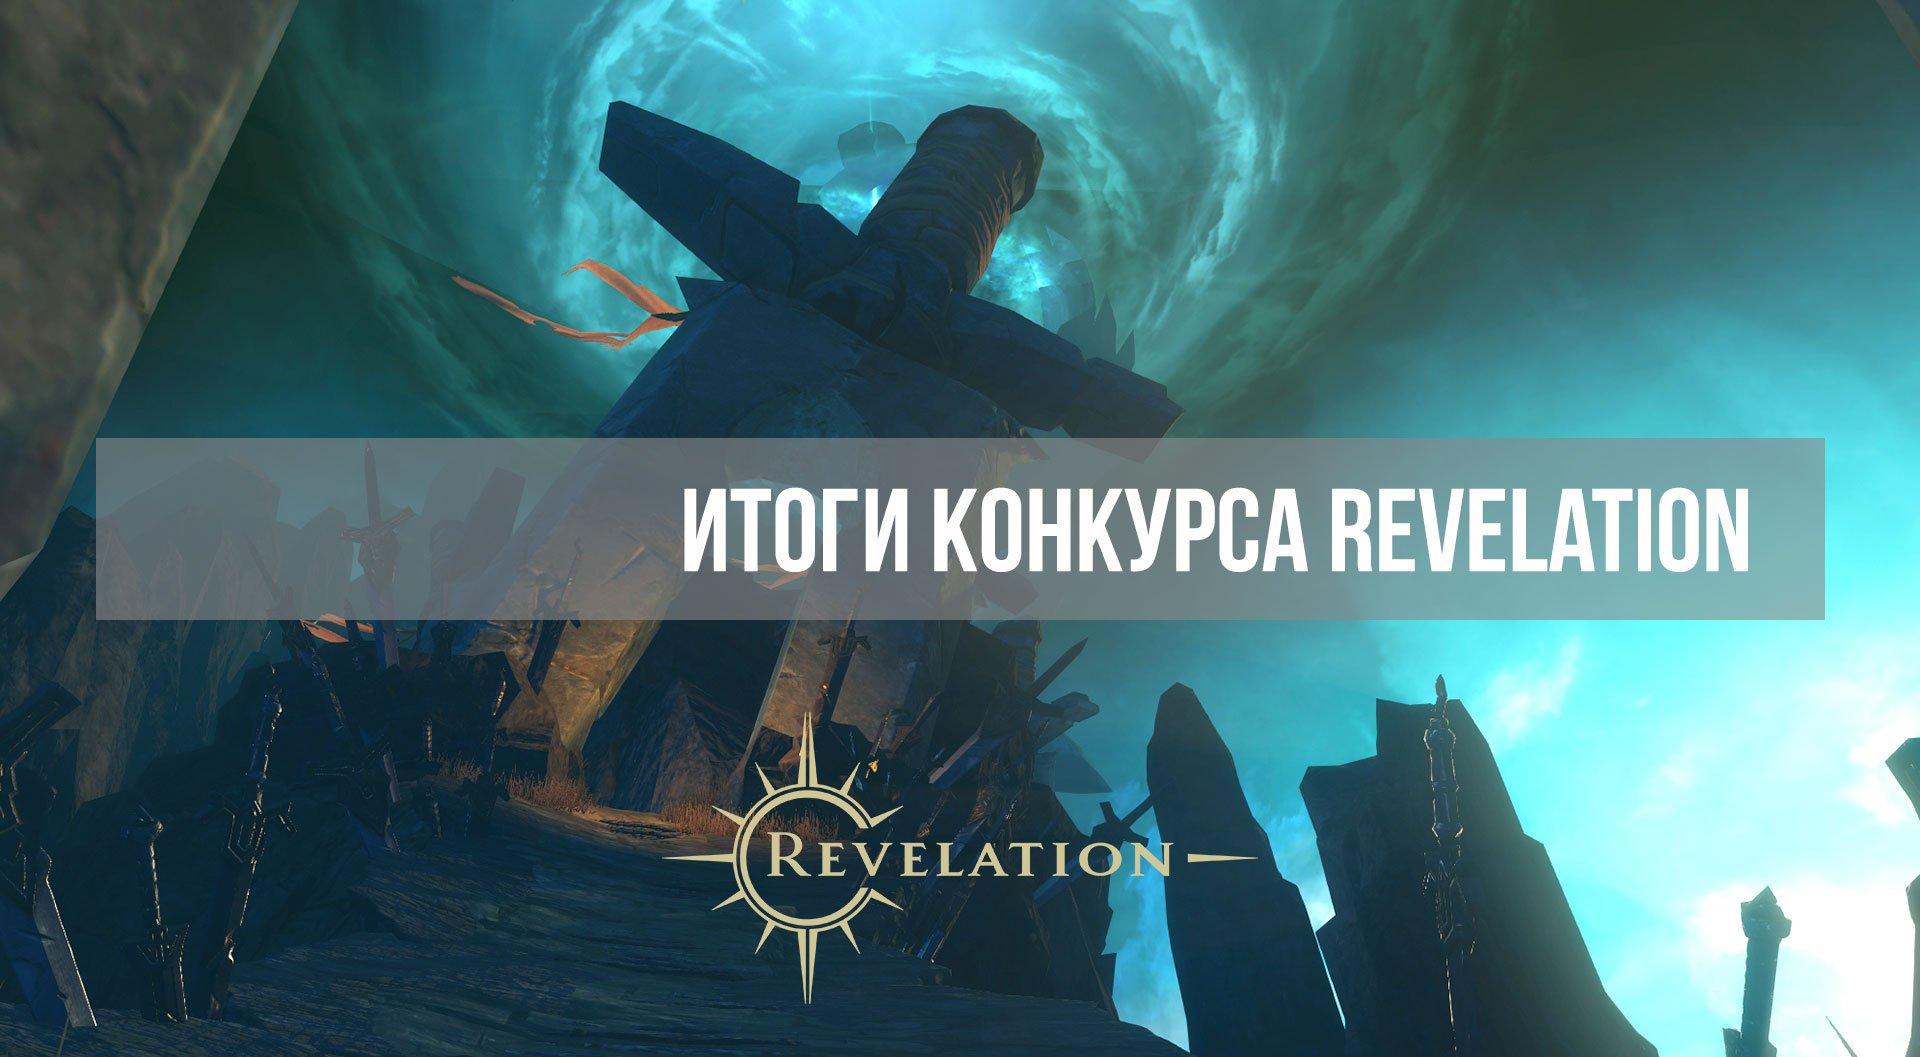 Итоги конкурса Revelation. - Изображение 1